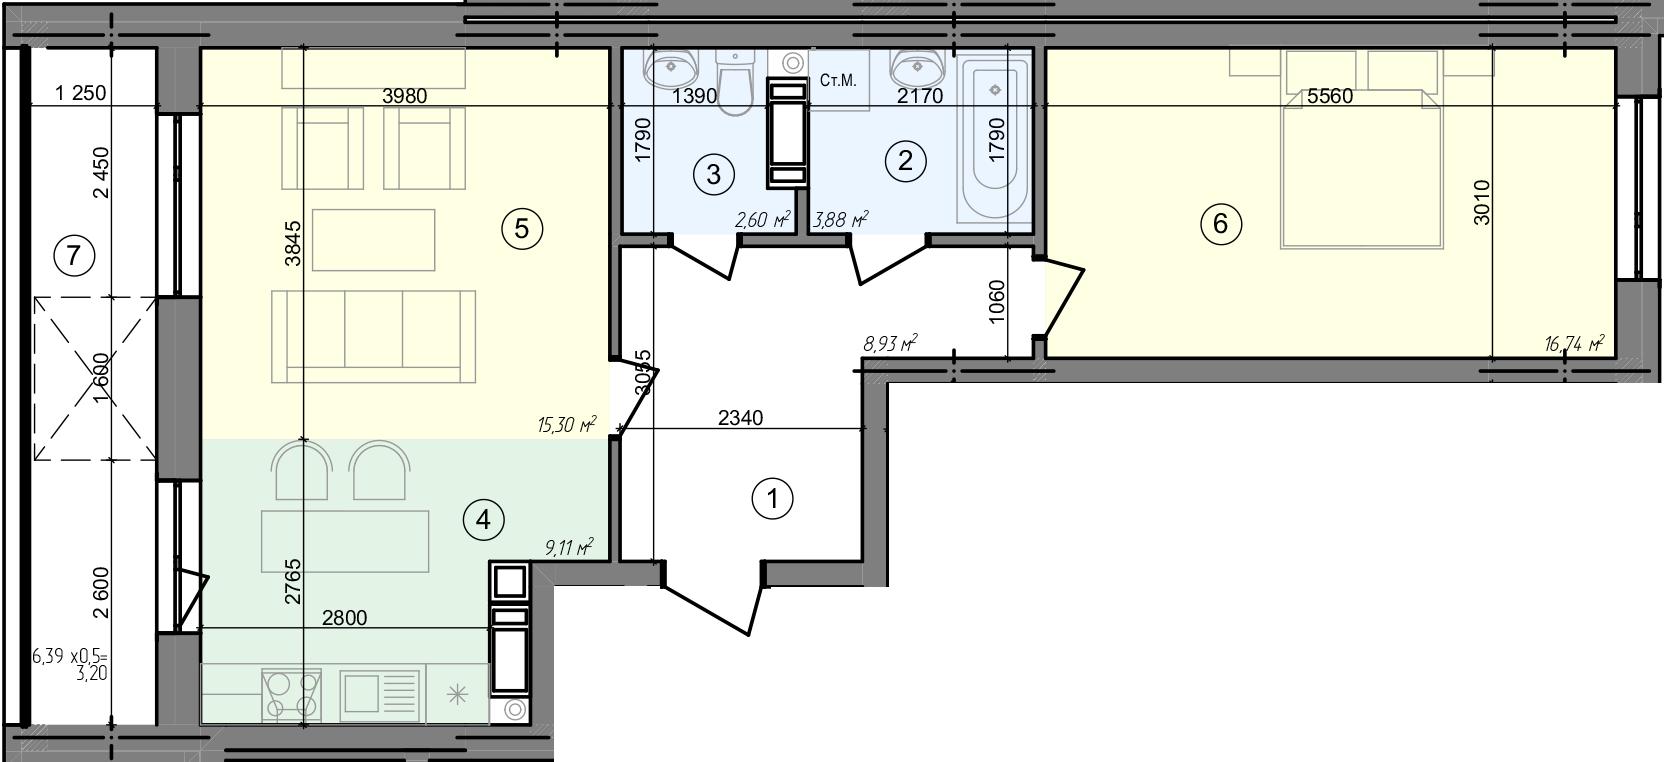 Купити Двокімнатна квартира 59,76 кв.м., тип 2.3, будинок 3, секція 4 в Києві Голосіївський район